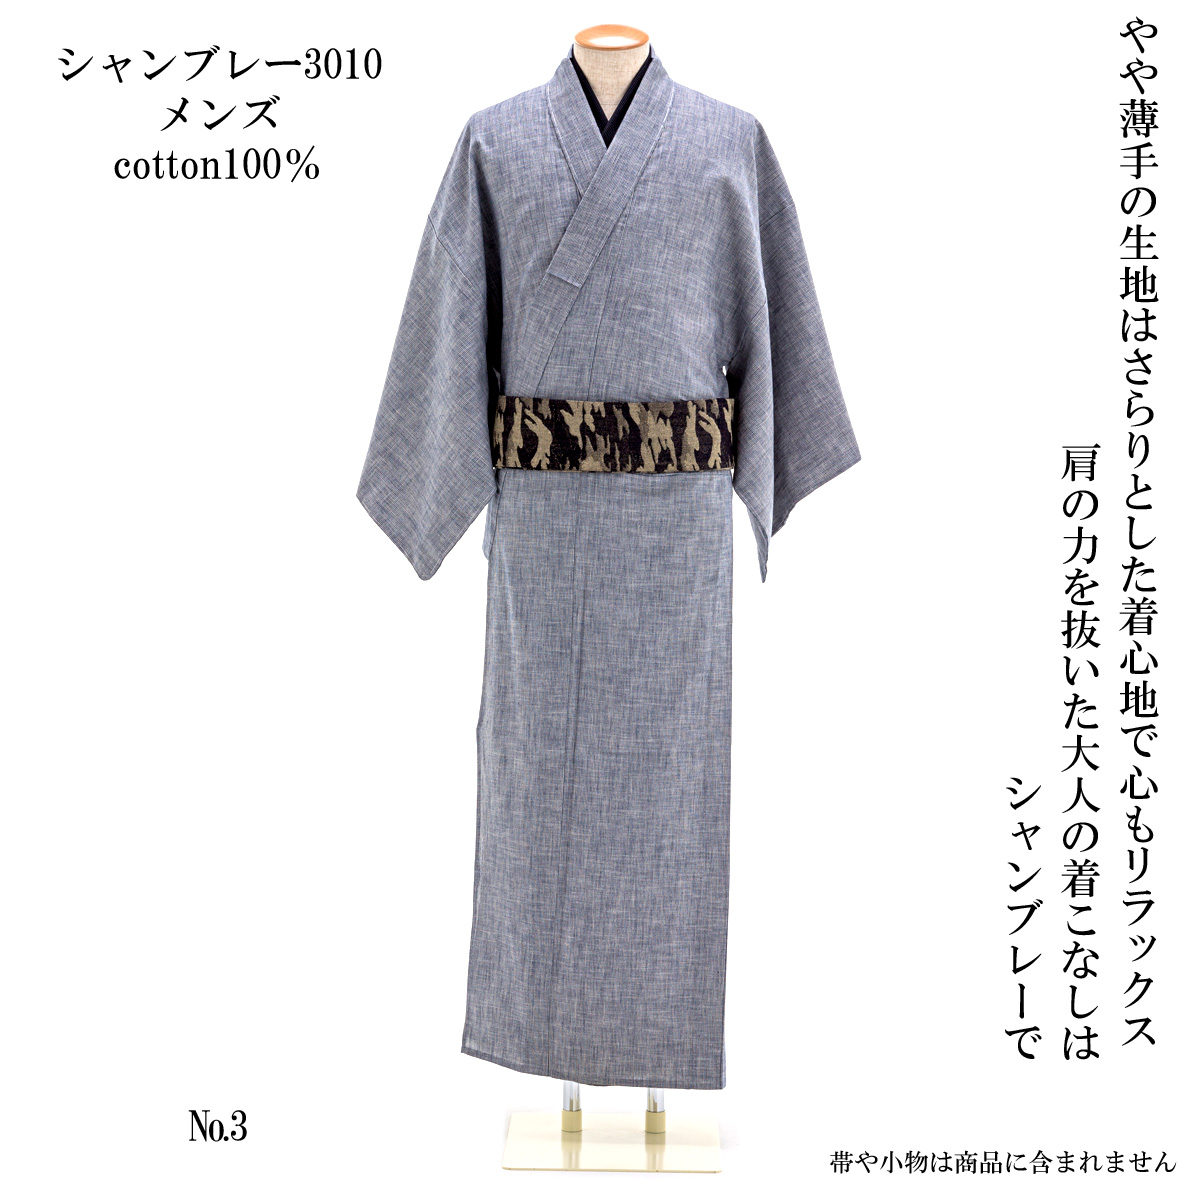 デニム着物 メンズ シャンブレー No.3 ブルーグレー/縞 坂本デニム 綿100%